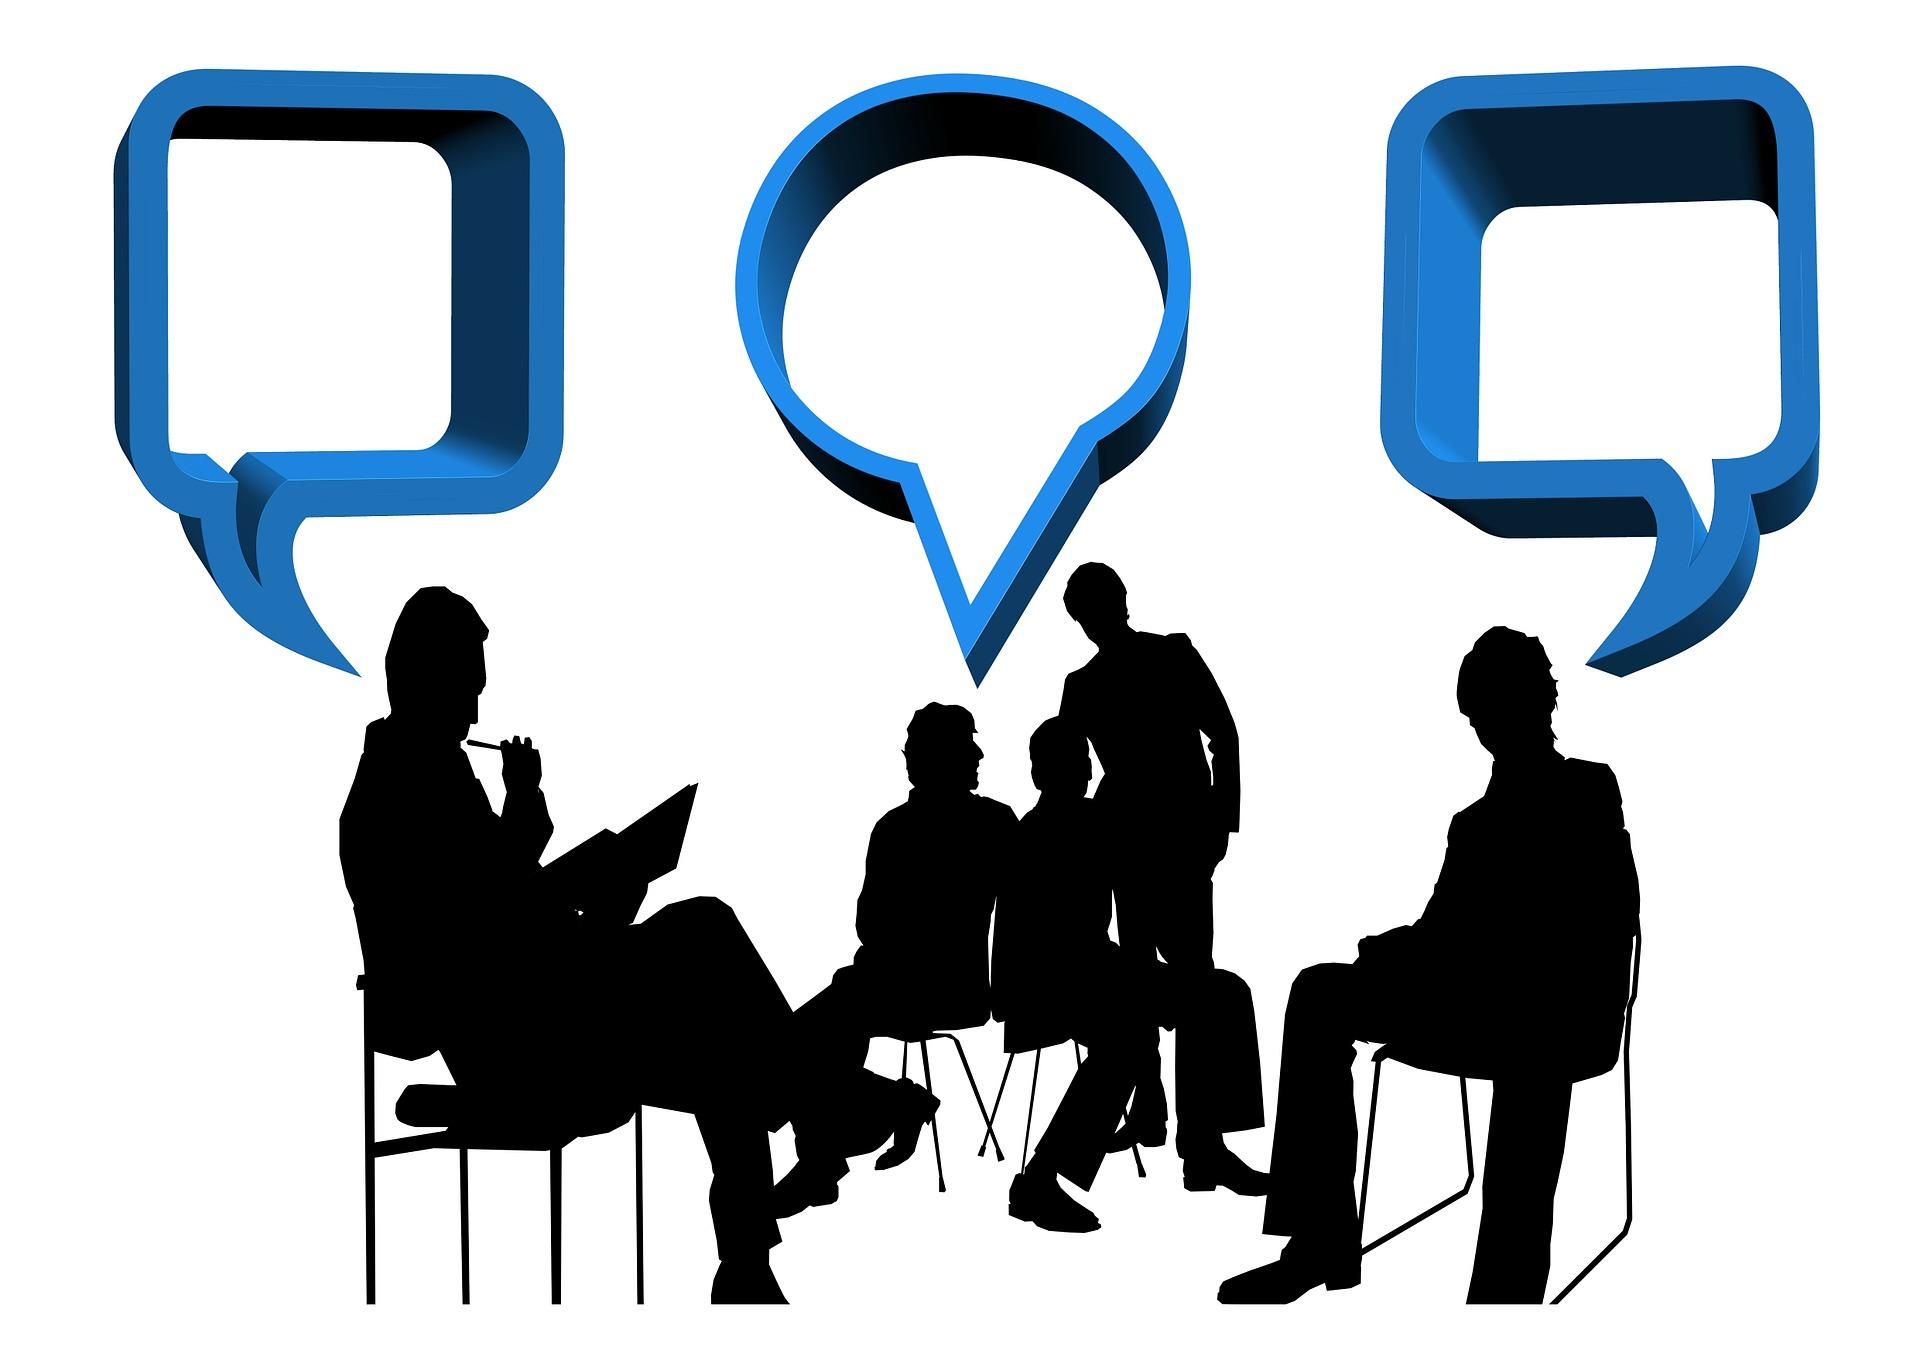 konsultacje_spoleczne_pixabay